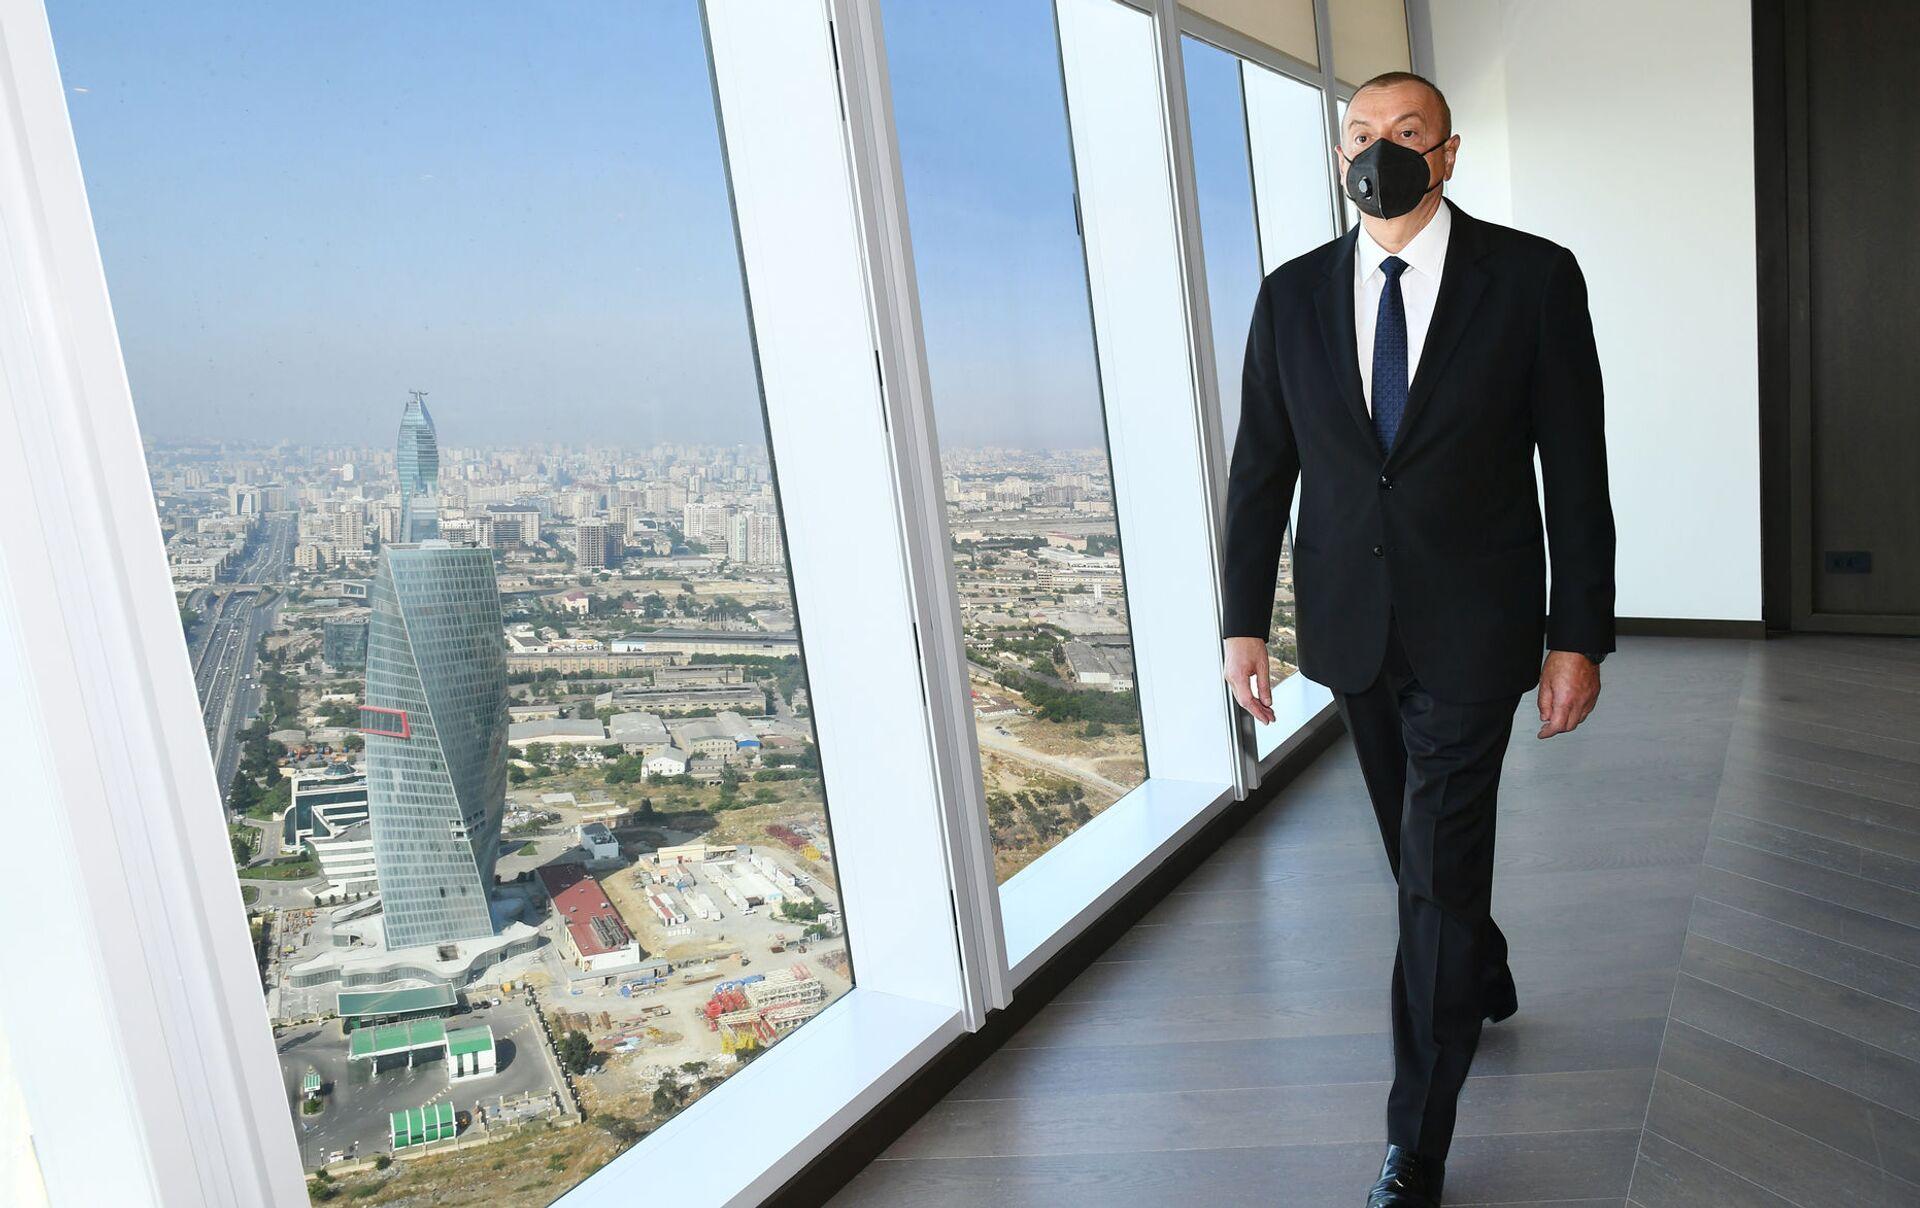 В Баку новое здание Минэкономики построили из кубиков - выглядит суперсовременно  - Sputnik Грузия, 1920, 30.05.2021